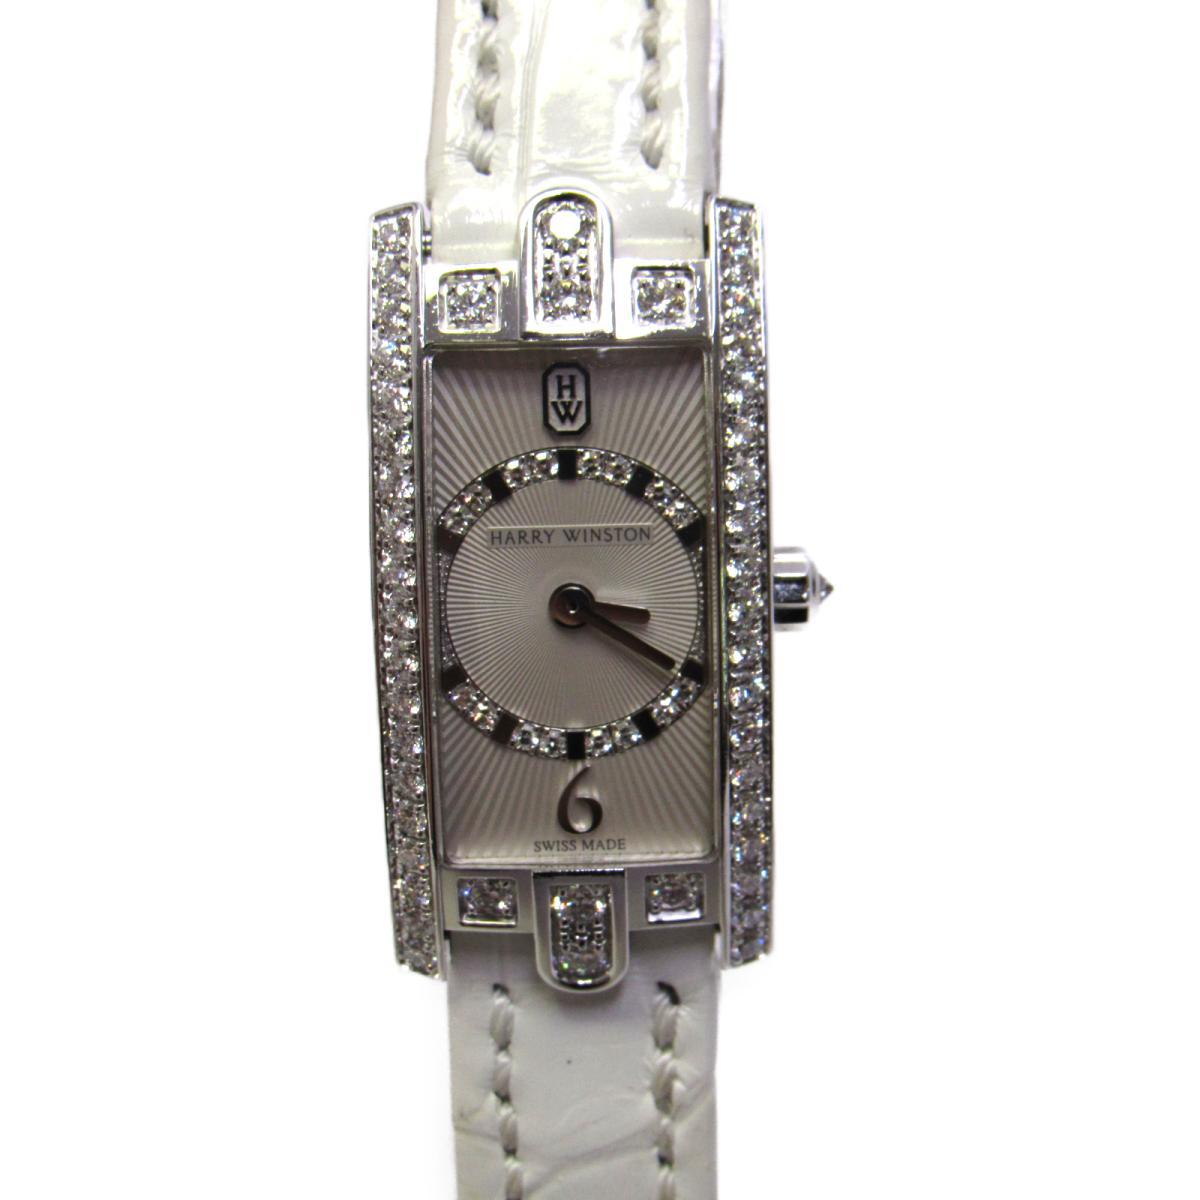 今年も話題の 【】 ハリーウィンストン アヴェニーCミニ・アールデコ 腕時計 K18WG (750) ホワイトゴールド ダイヤモンド 革ベルト (AVCQHM15)   HARRY WINSTON BRANDOFF ブランドオフ ブランド時計 ブランド腕時計 時計 ウォッチ, おもちゃ人形の桃秀 264f0216